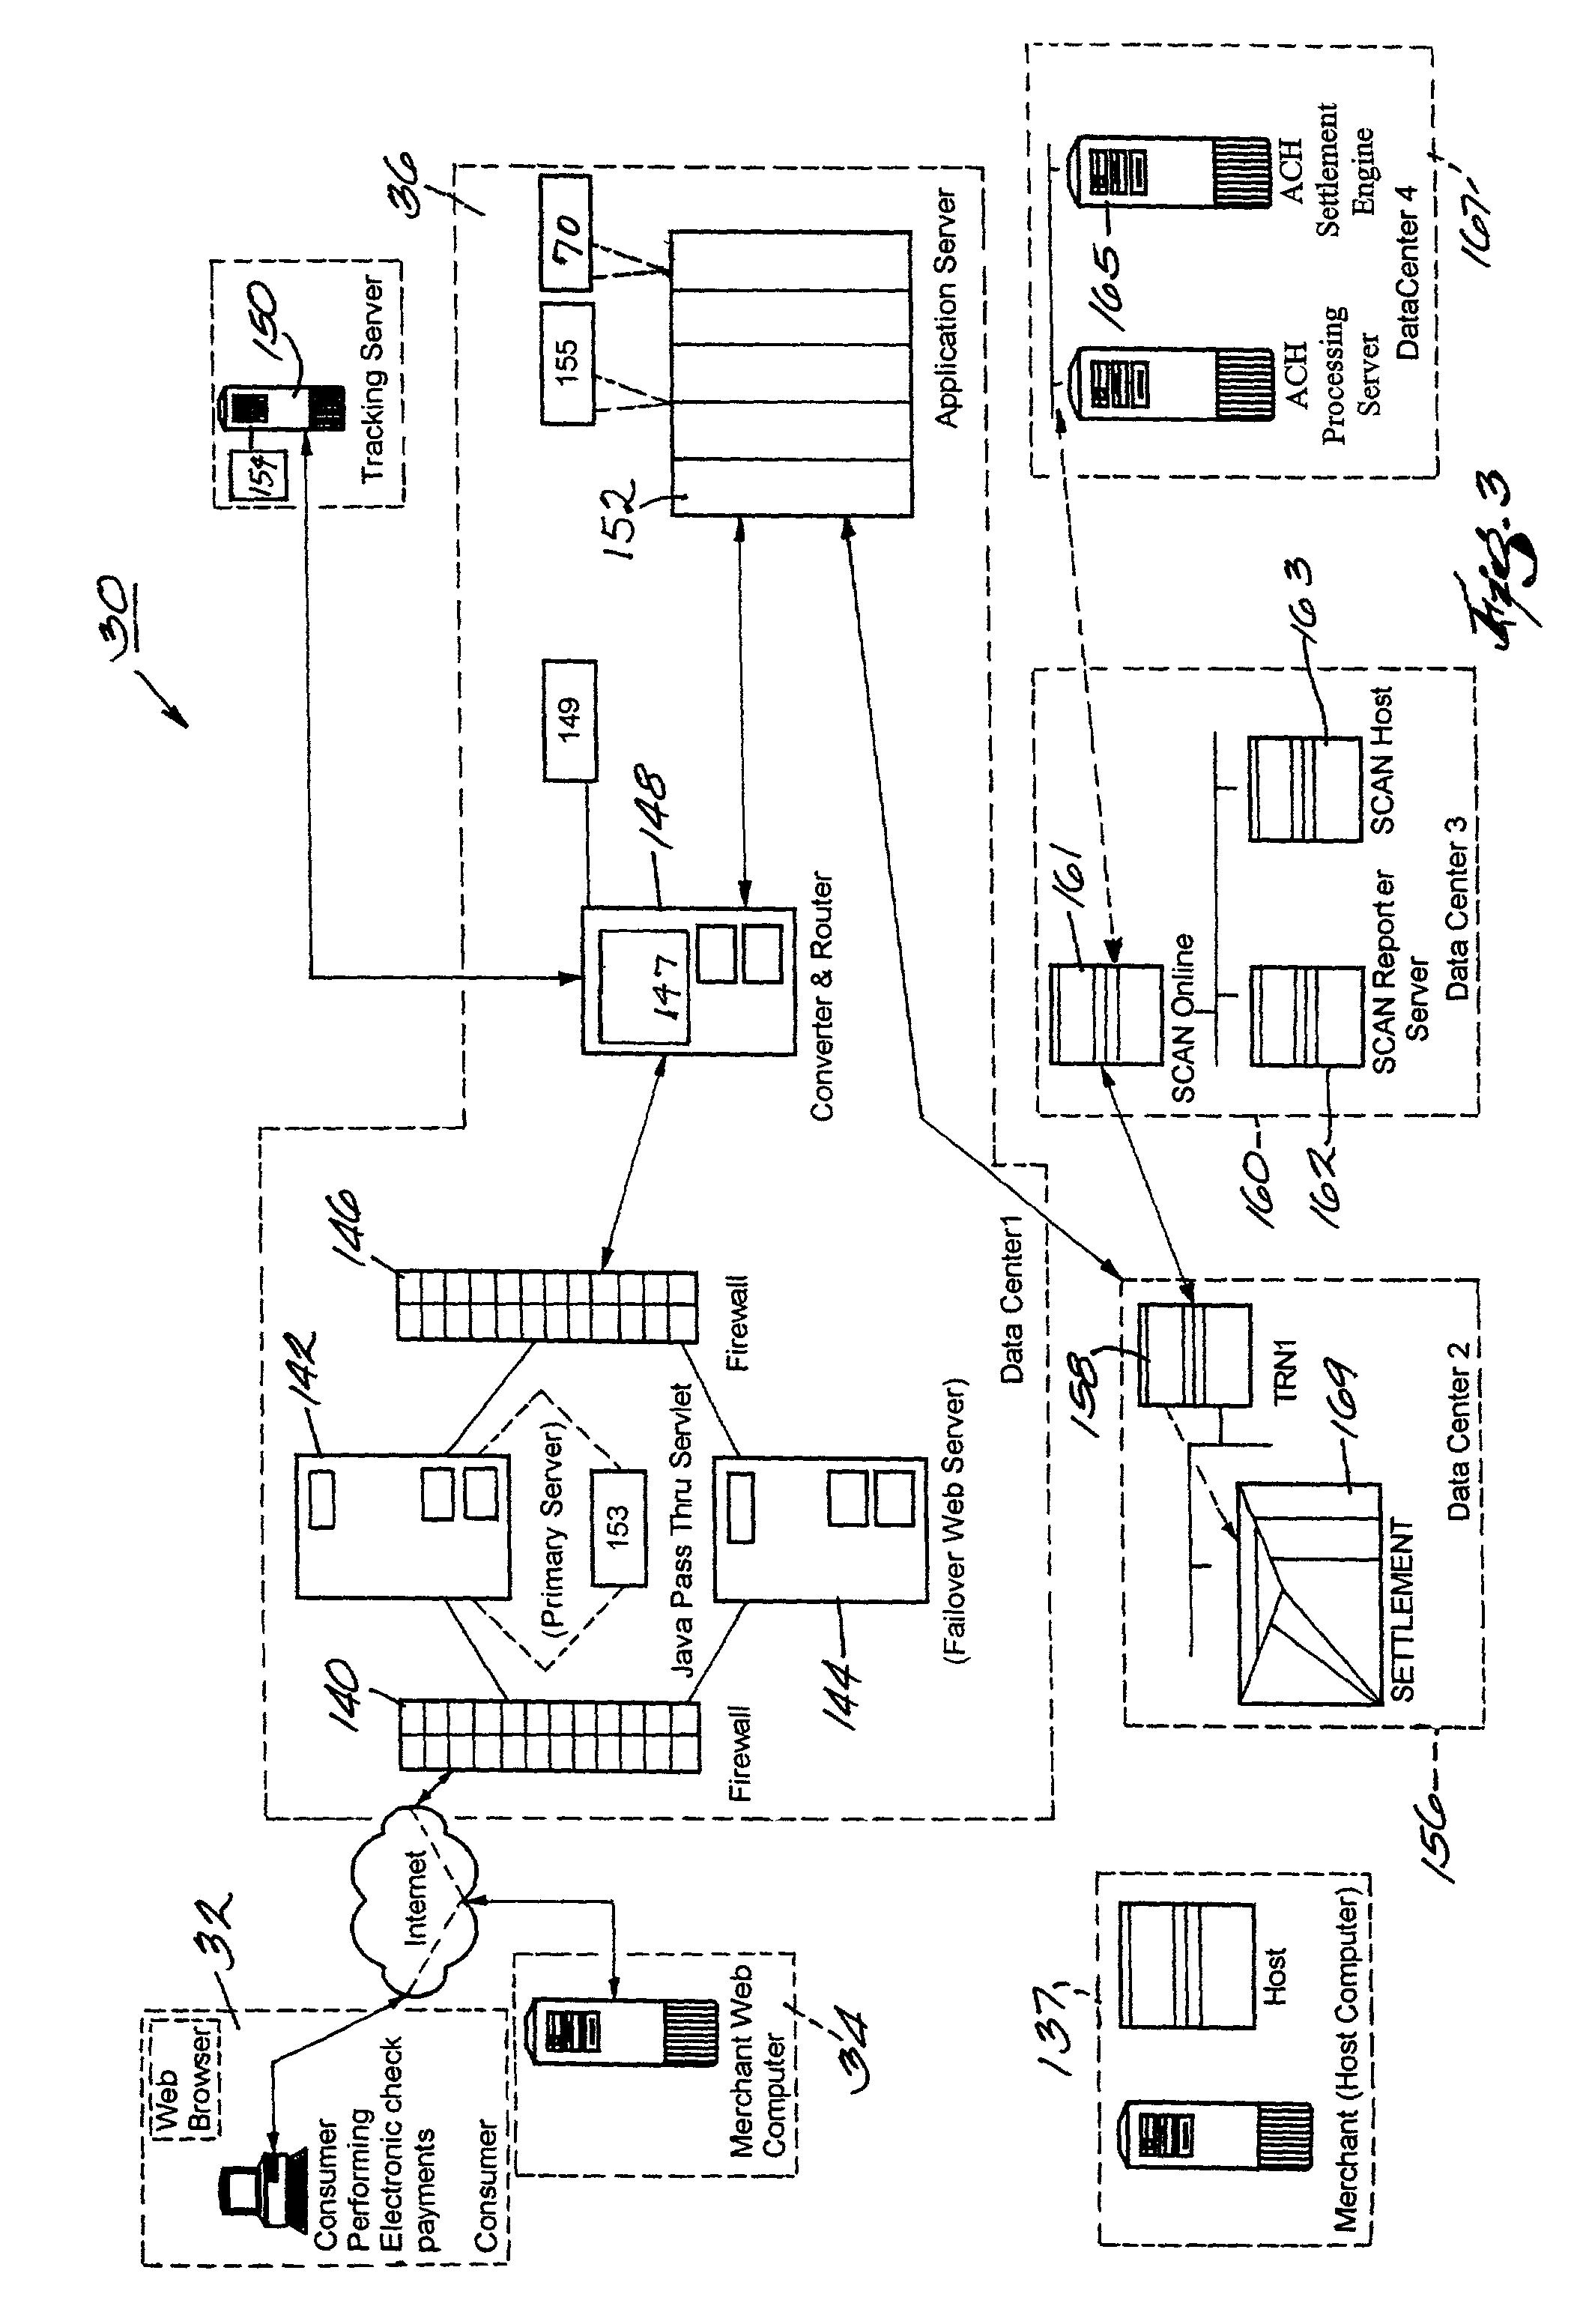 patent us7752132